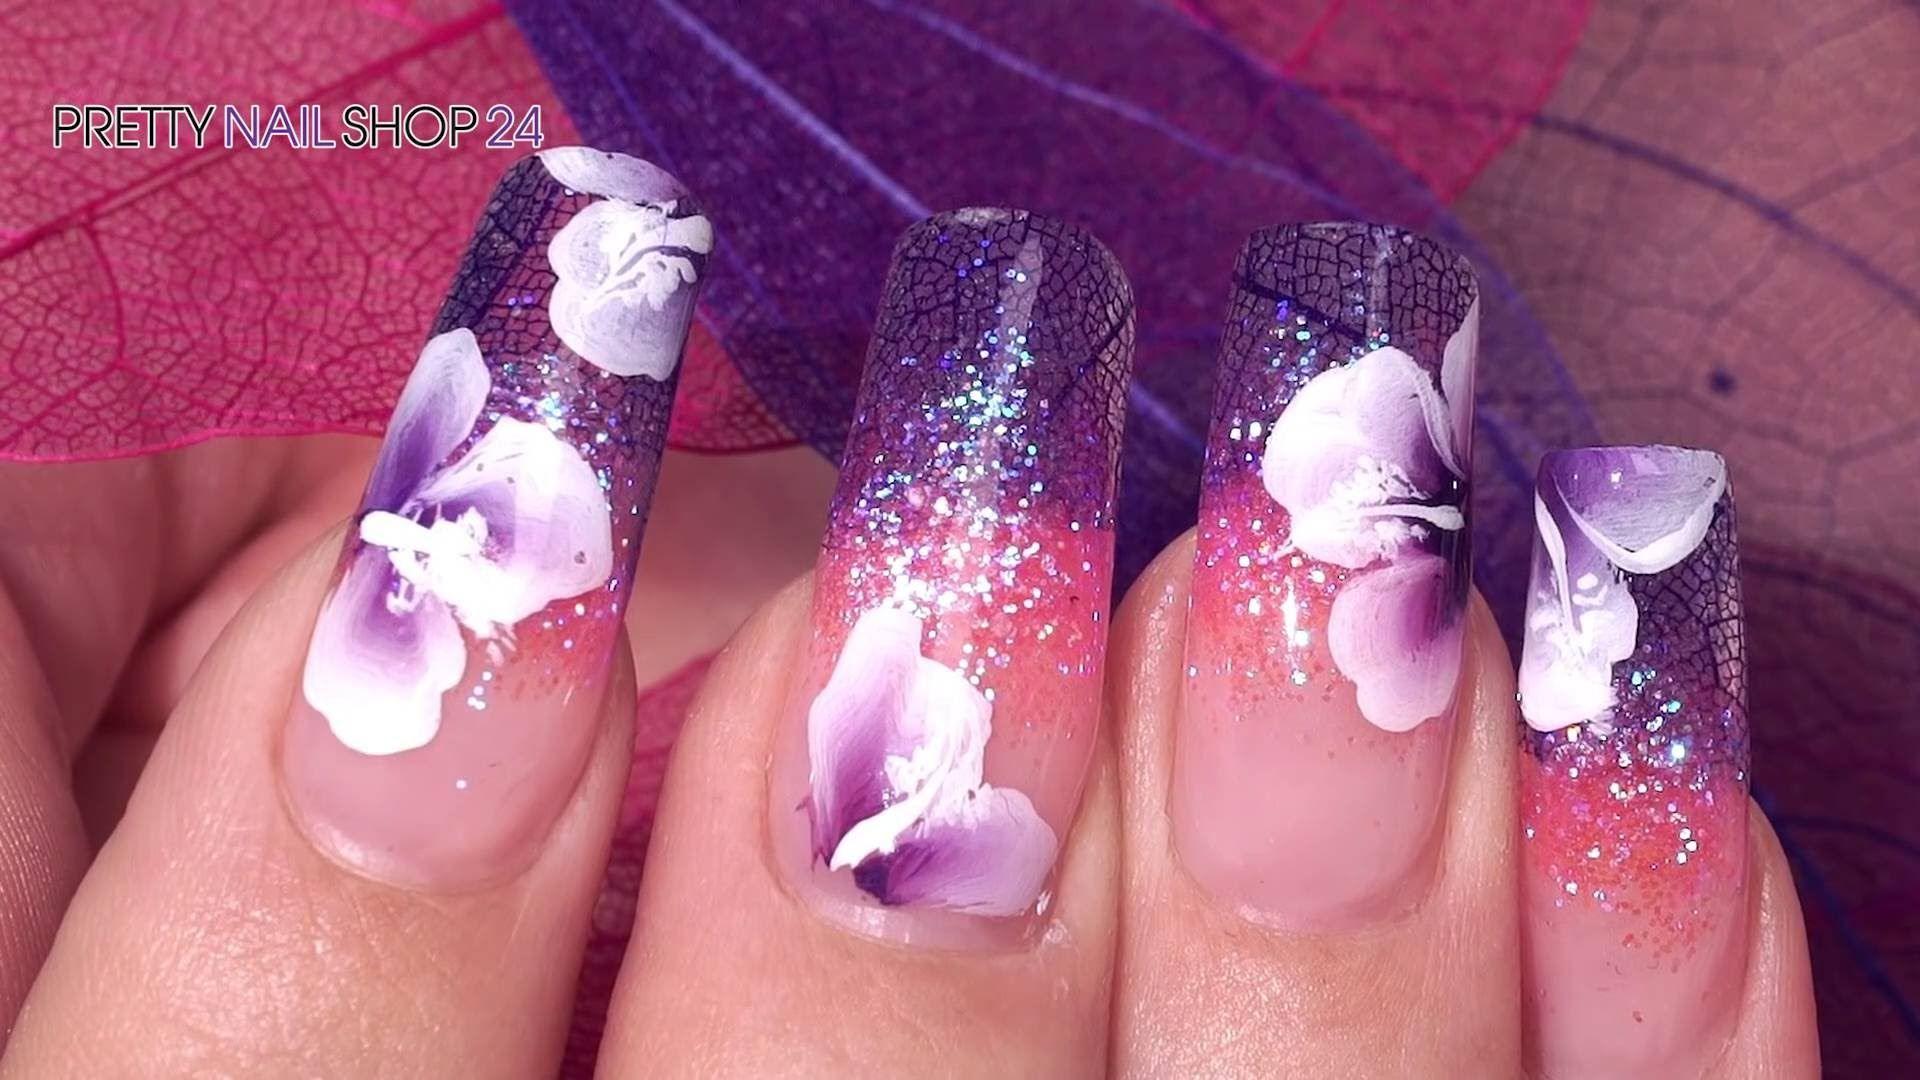 #glitter   #flowers   #nails   #nailart   Atemberaubende Skelettblätter, kombiniert mit schillerndem Fairy Glitter verwandeln Deine Nailart in traumhafte Kunstwerke. Du möchest wissen, wie das geht? Dann schau Dir dieses Video an. Hier findest Du alle verwendeten Produkte: http://www.prettynailshop24.de/shop/nailart-fairy-nails-video_758.html#Produkte?utm_source=pinterest&utm_medium=referrer&utm_campaign=pi_Nailart_KW21_16